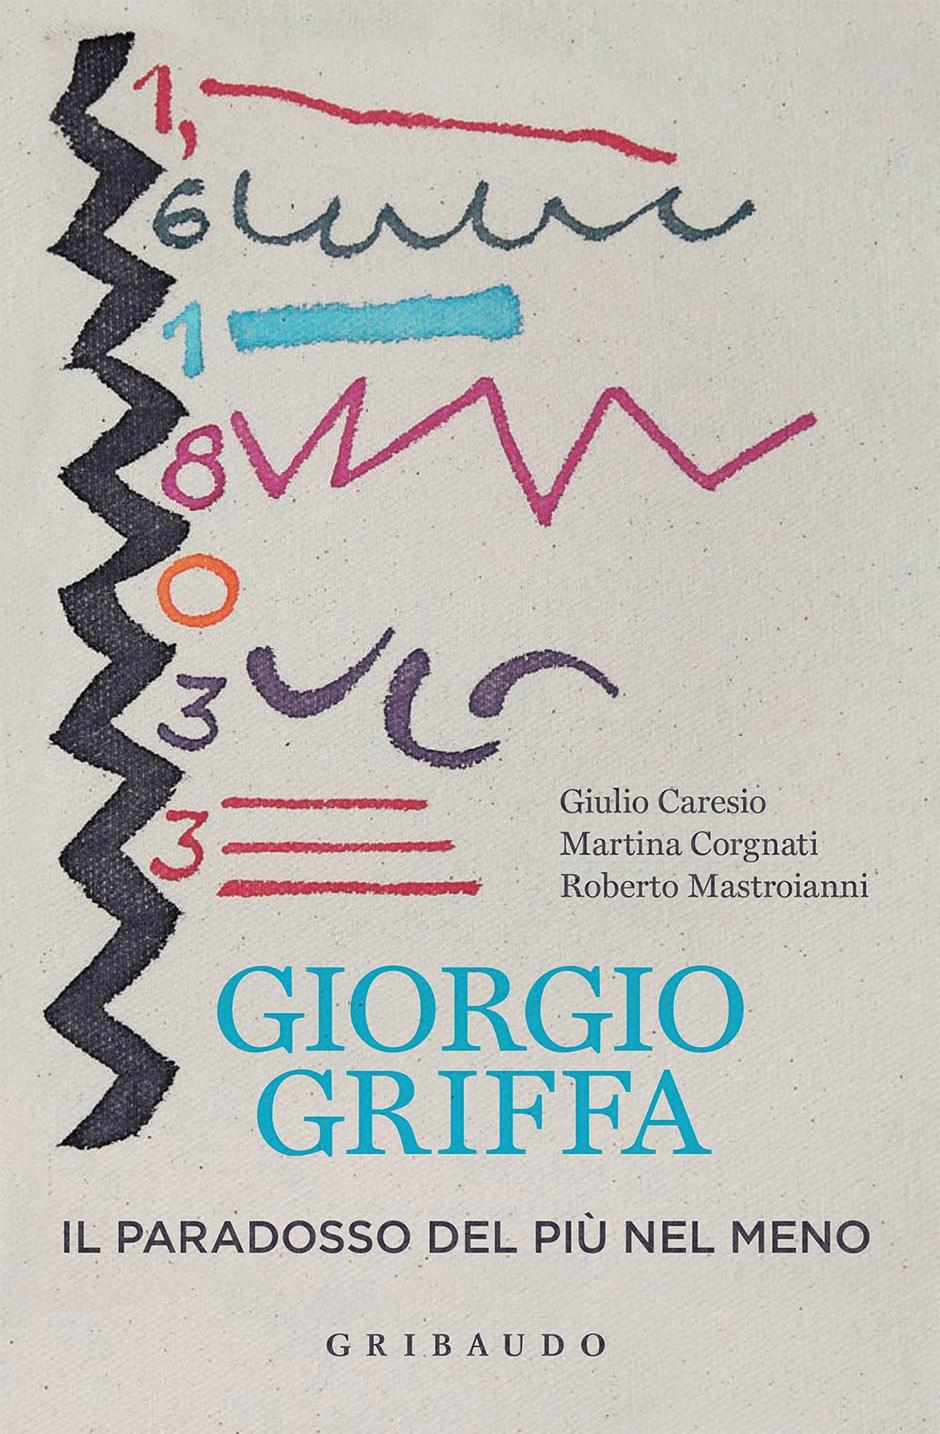 Giorgio Griffa, Il paradosso del più nel meno